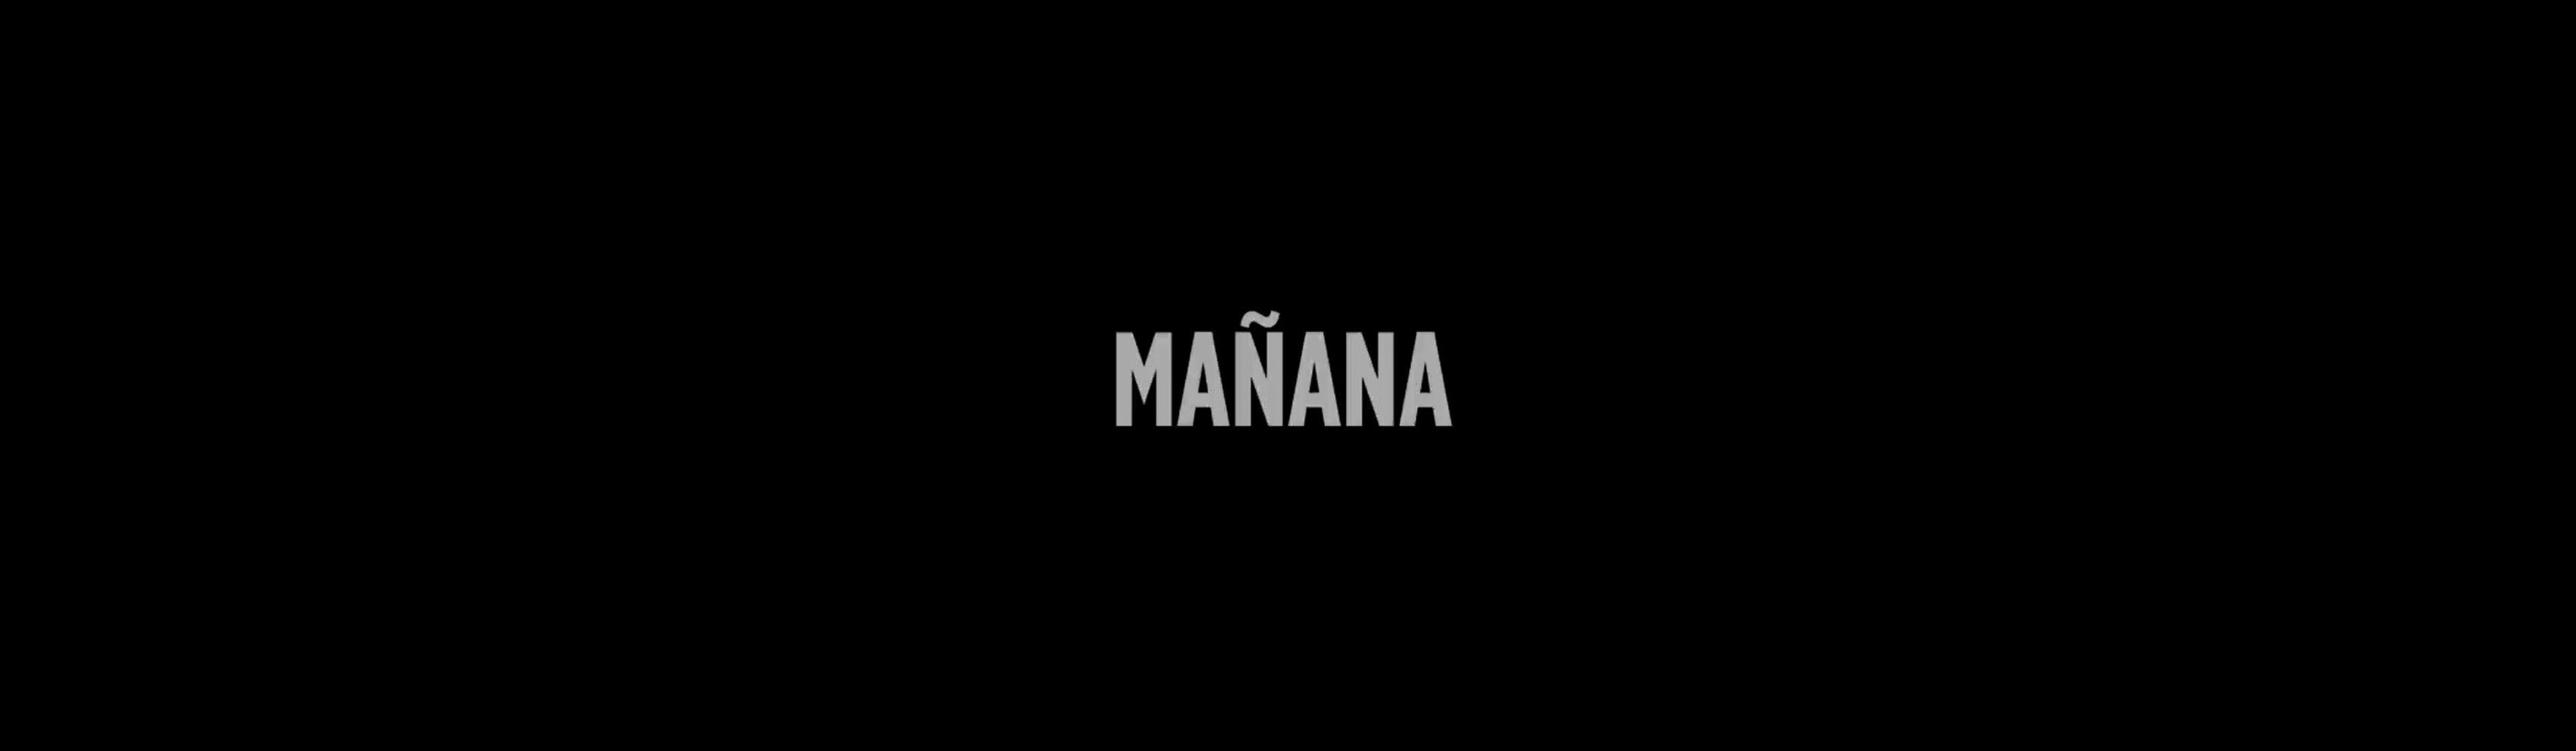 TOMORROW / MAÑANA